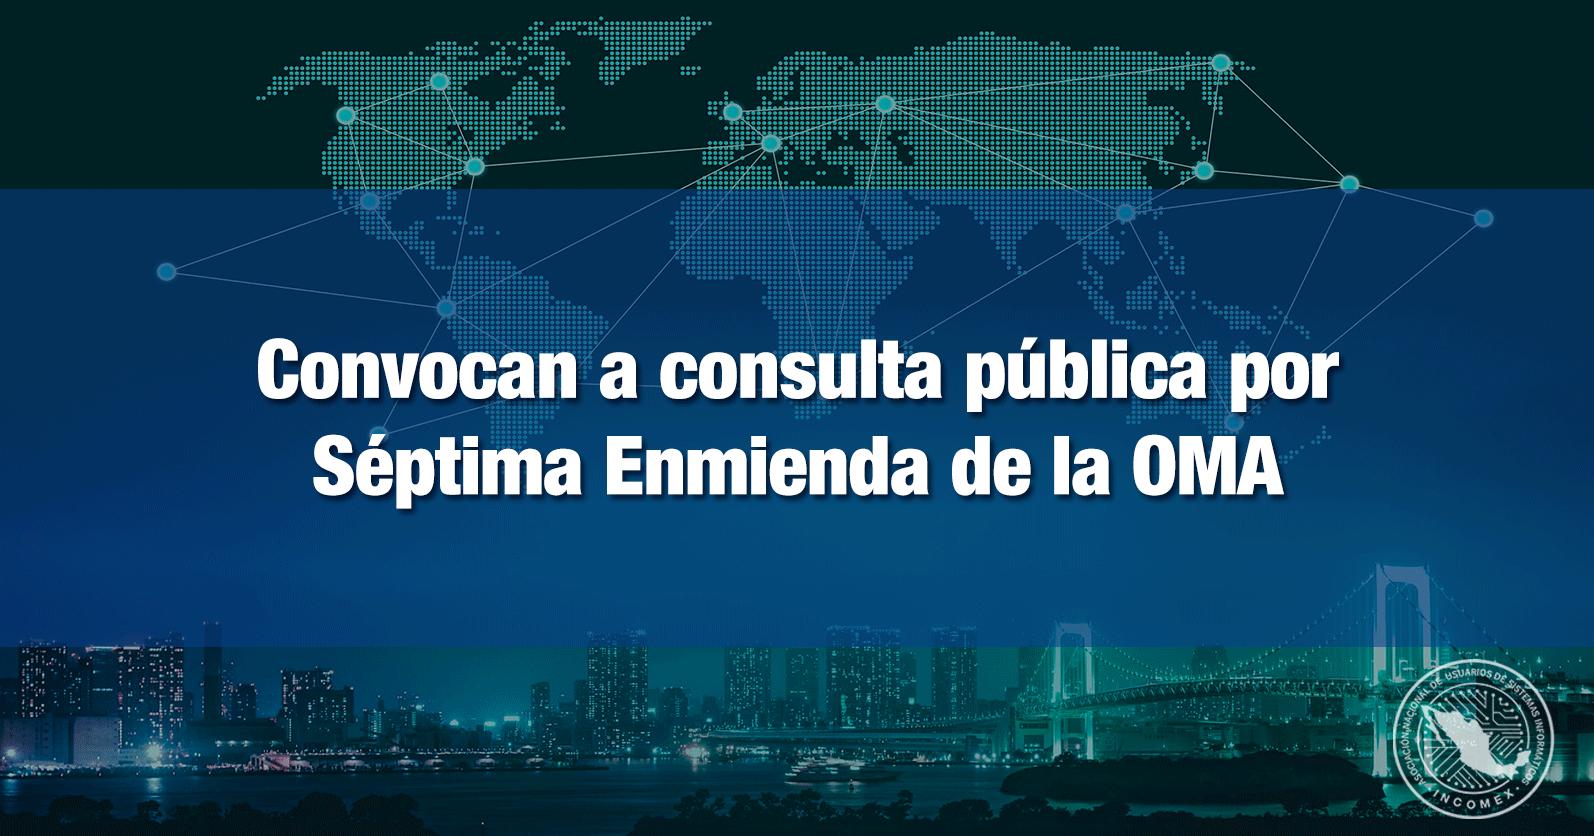 Convocan a consulta pública por Séptima Enmienda de la OMA